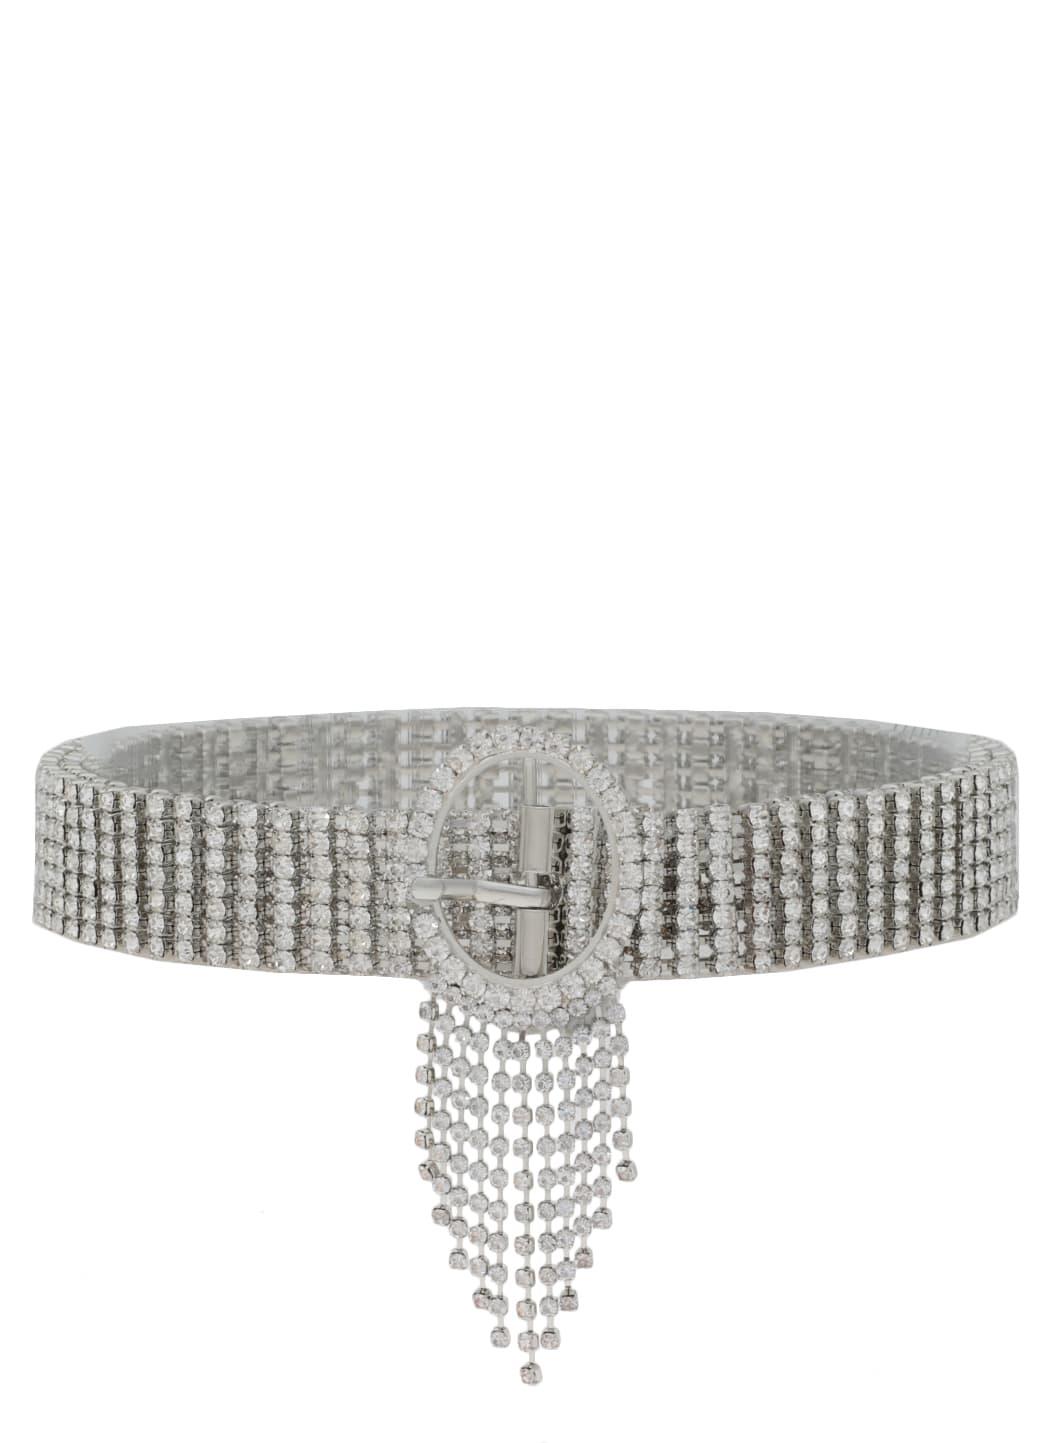 B-low The Belt Abigail Belt In Silver